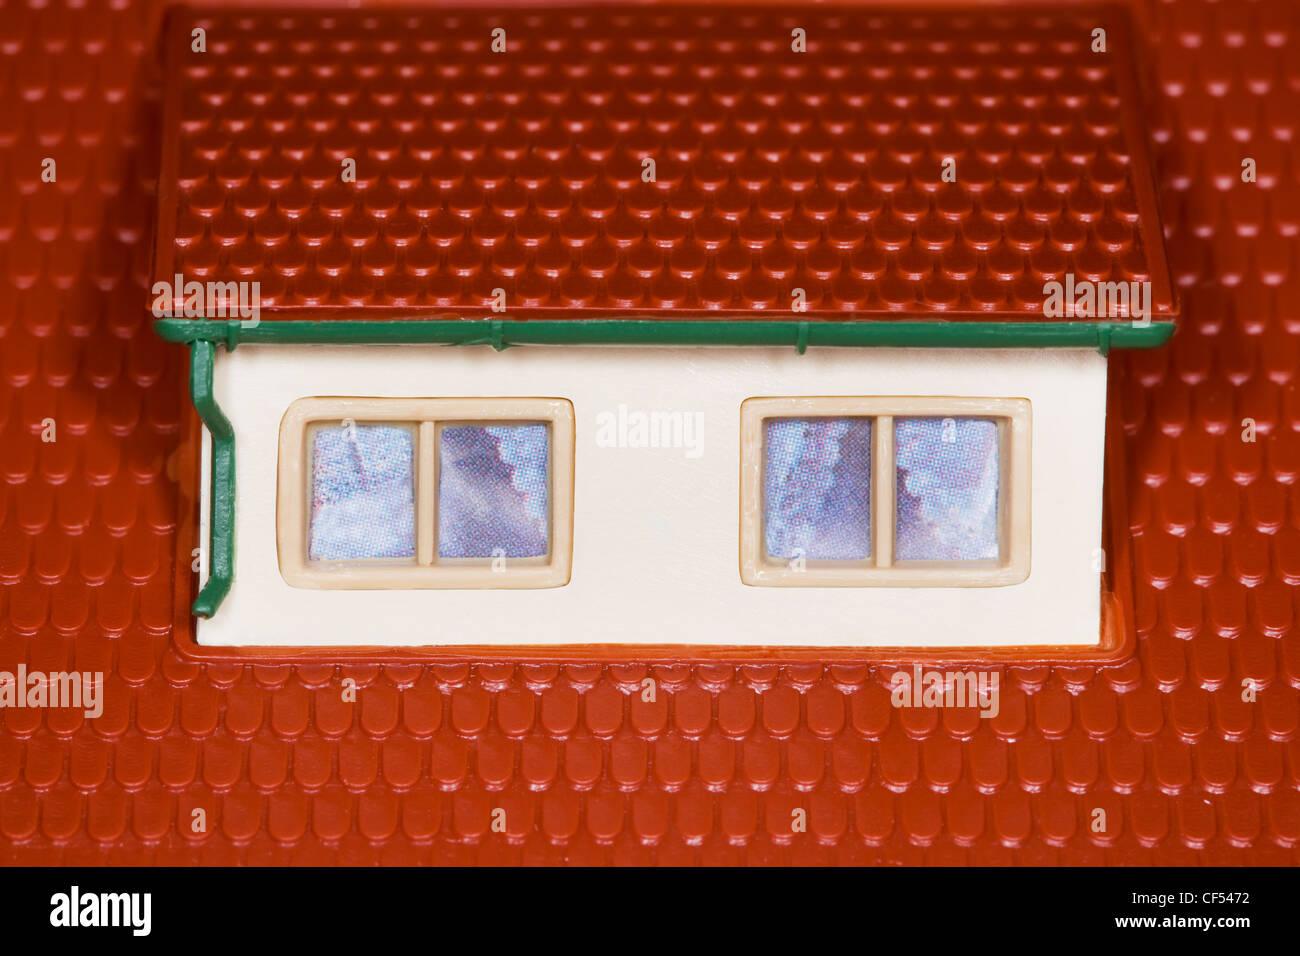 Attico sul tetto del giocattolo casa di plastica,due finestre Immagini Stock